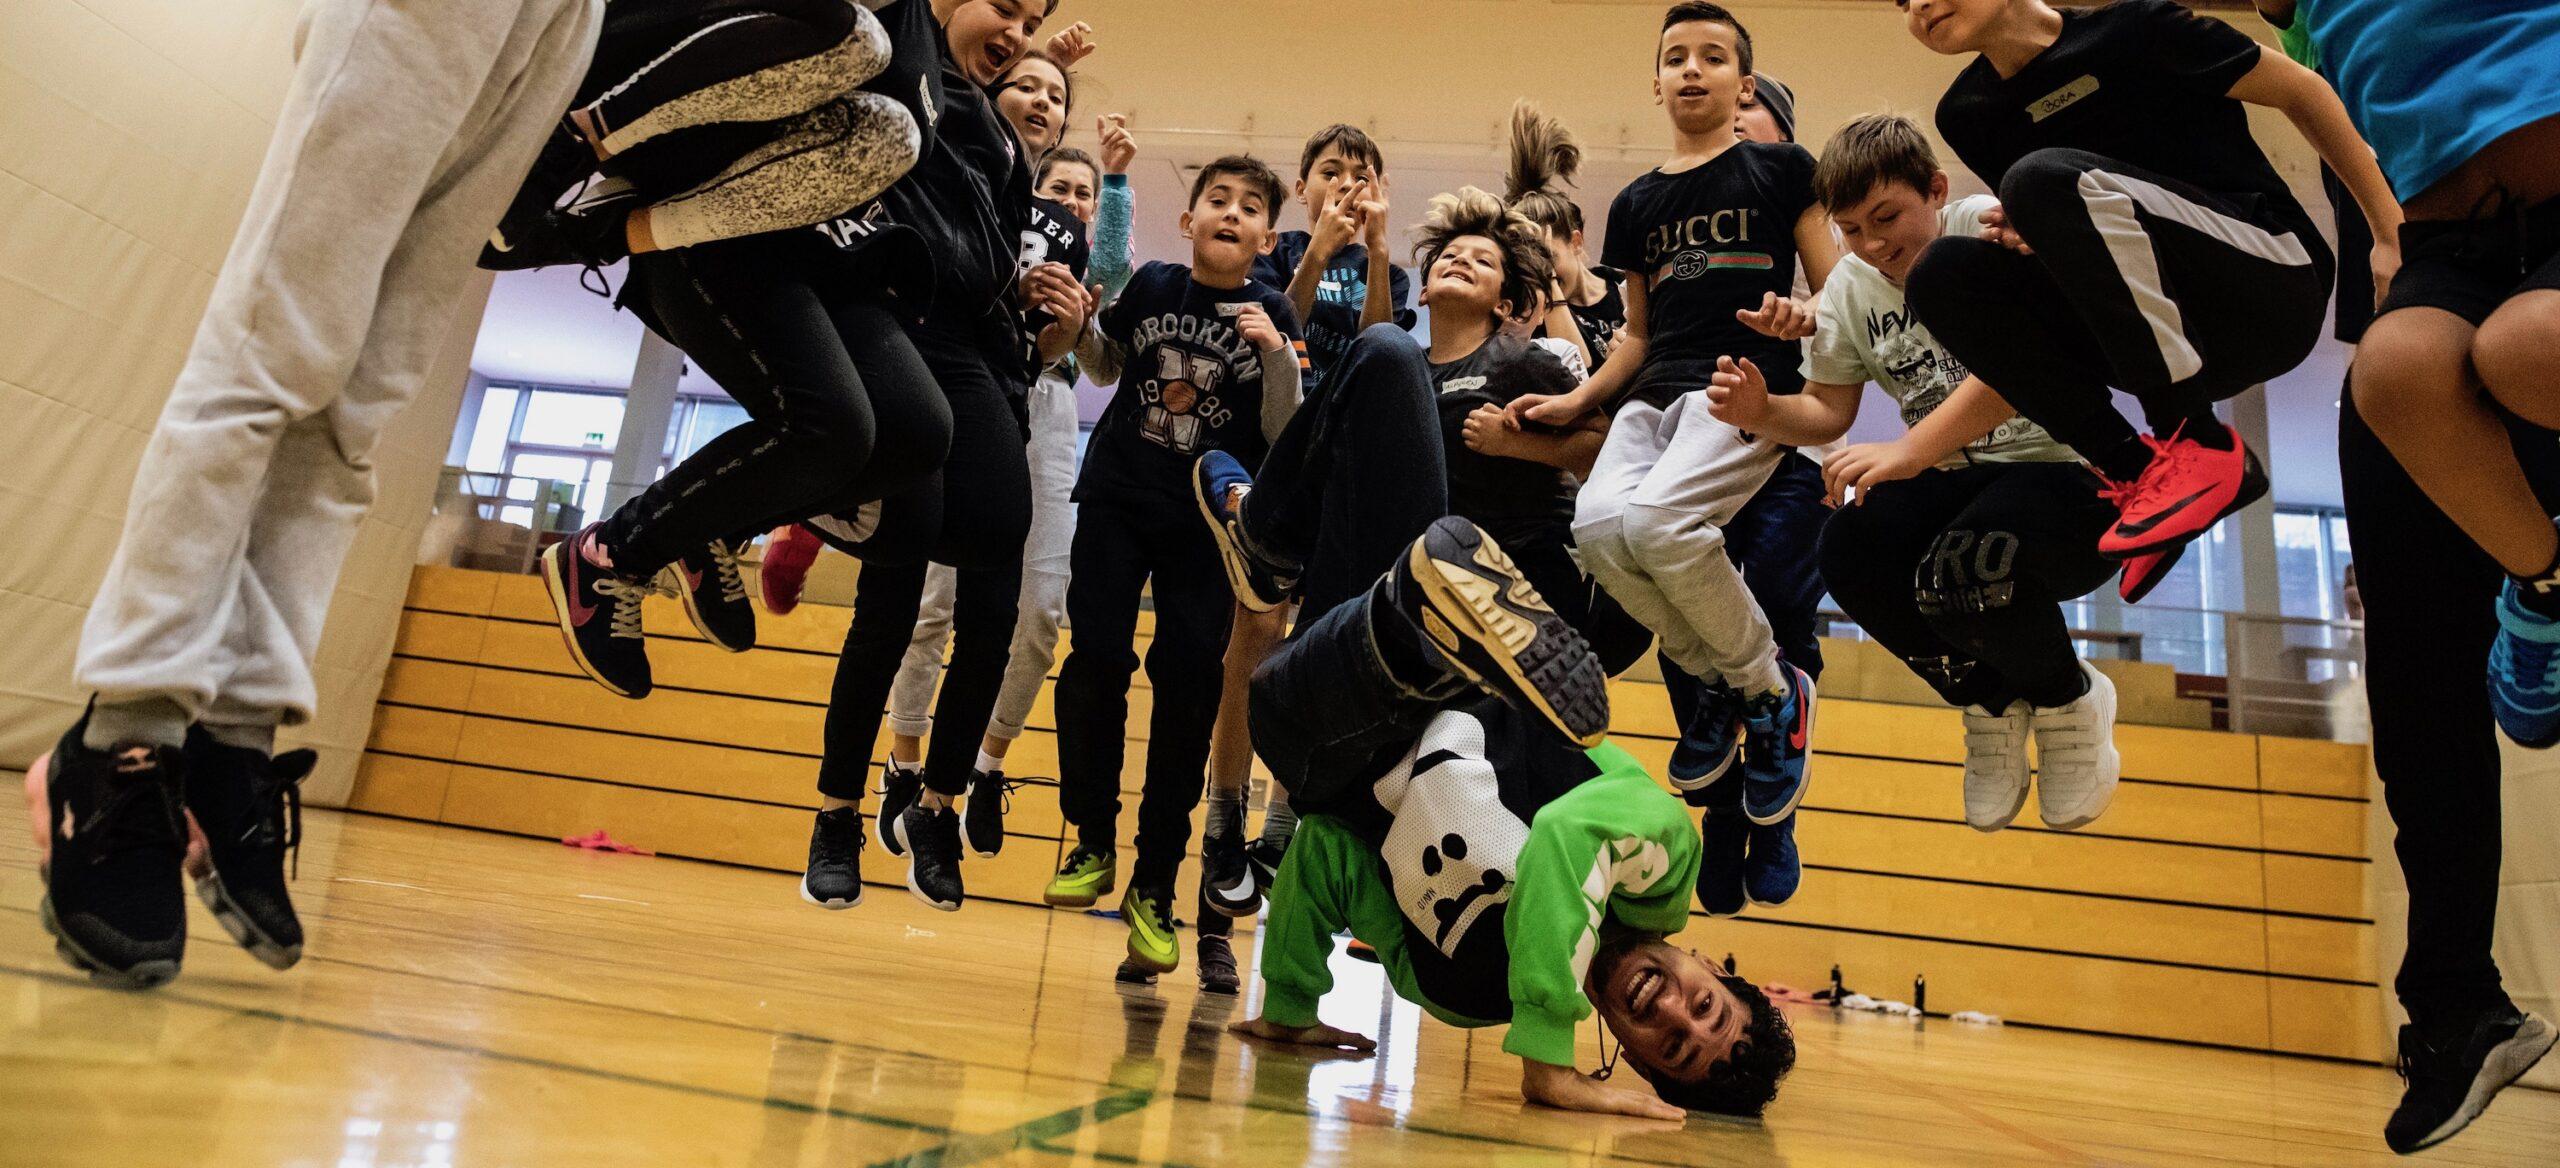 Breakdancer Moses macht einen Breakdance Trick in der Mitte von springenden Kindern.